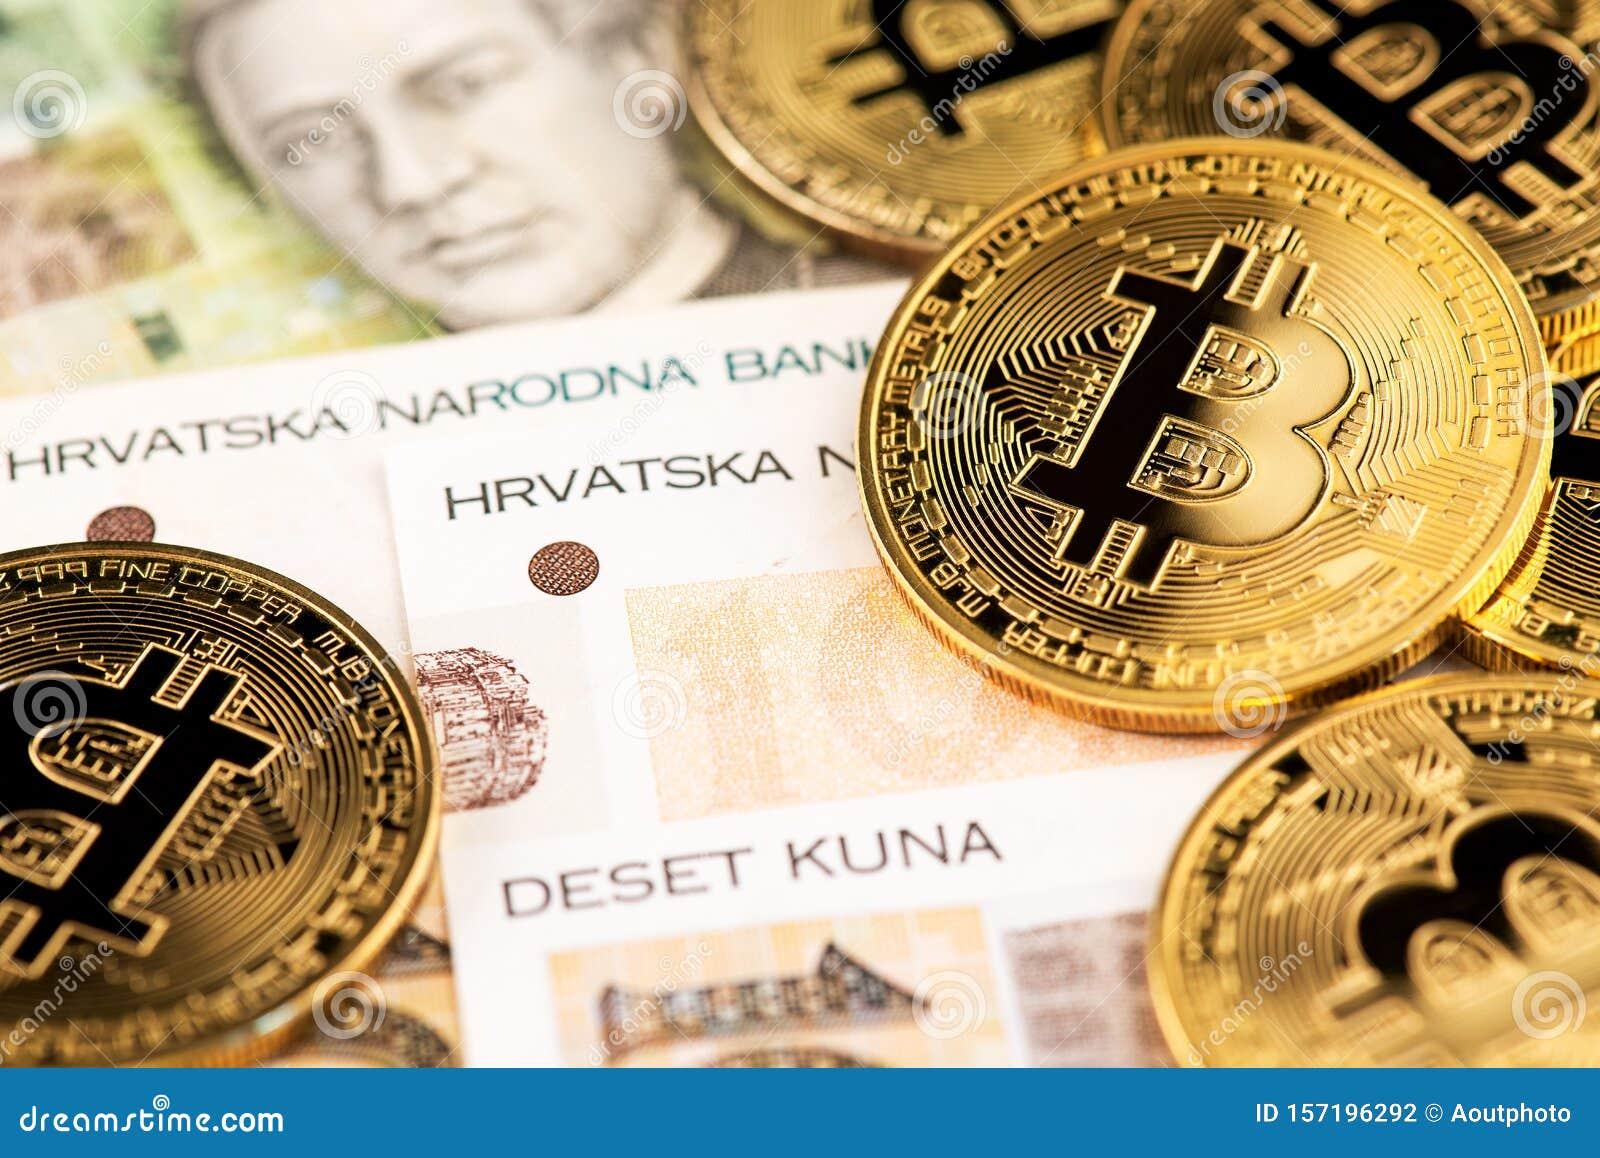 bitcoin s p 500 bitcoin rinkos dangtelis iš viso